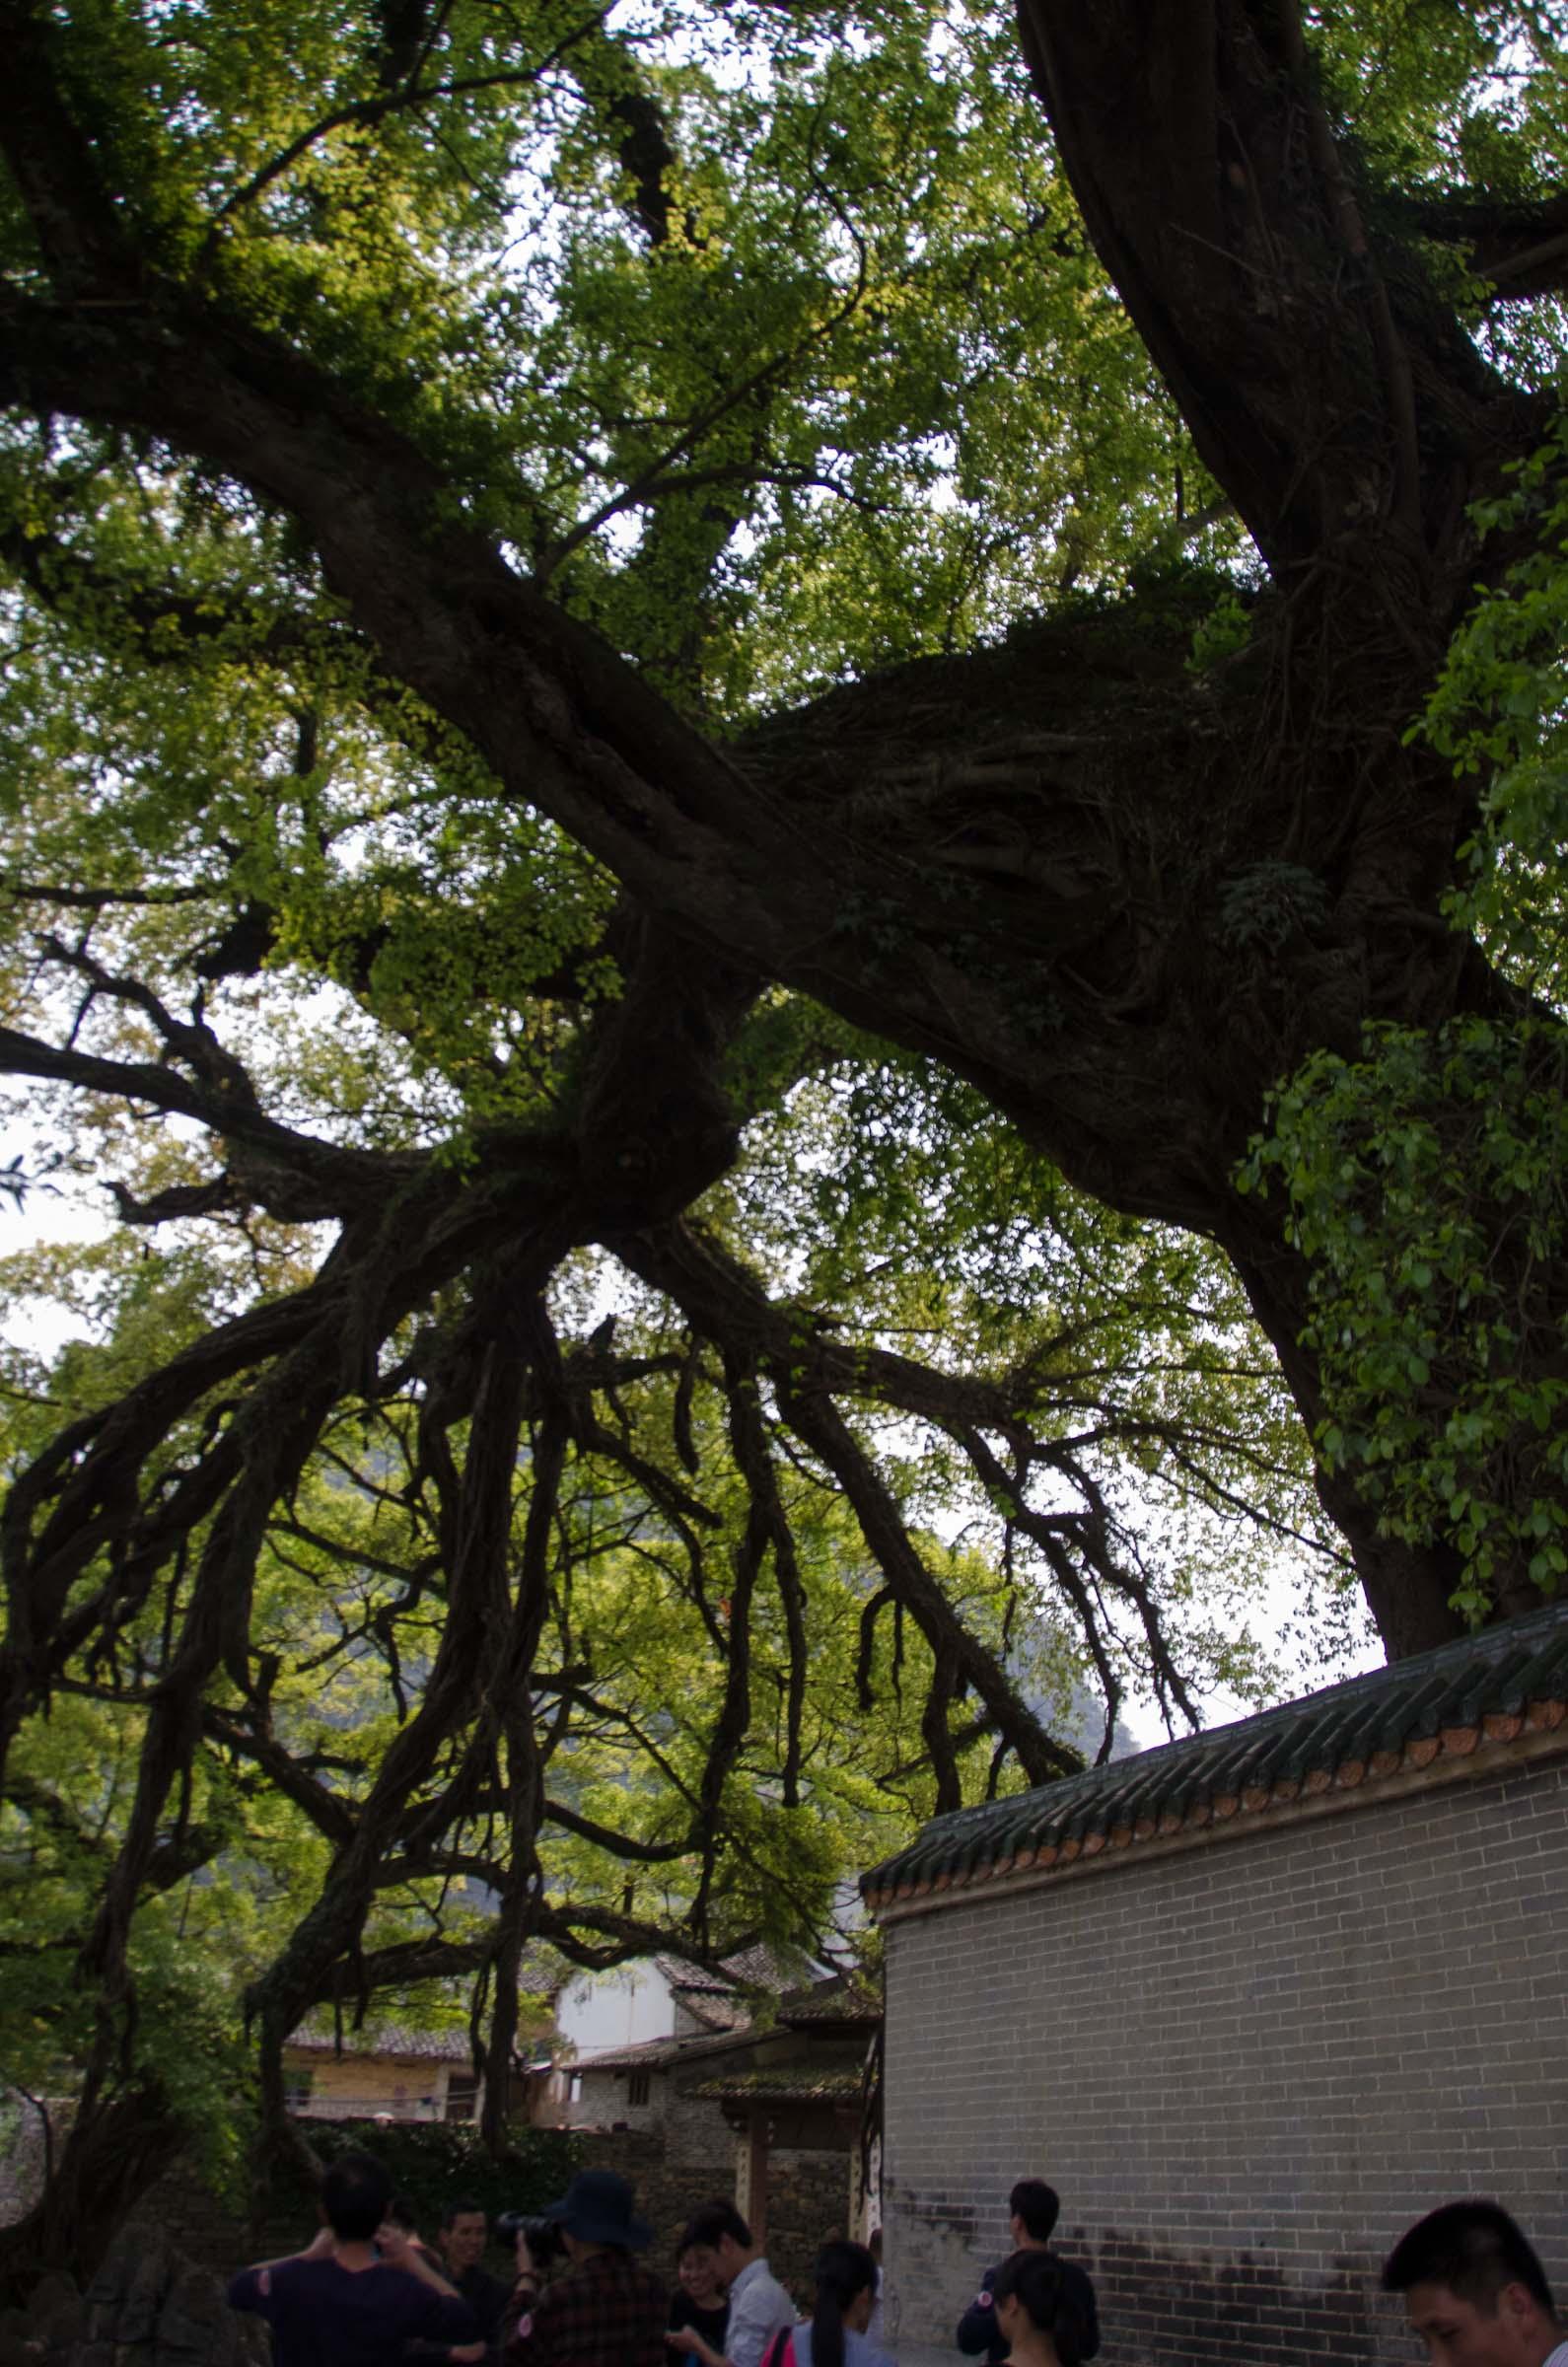 巨大的古树标志着古镇的悠久历史,令人叹为观止.